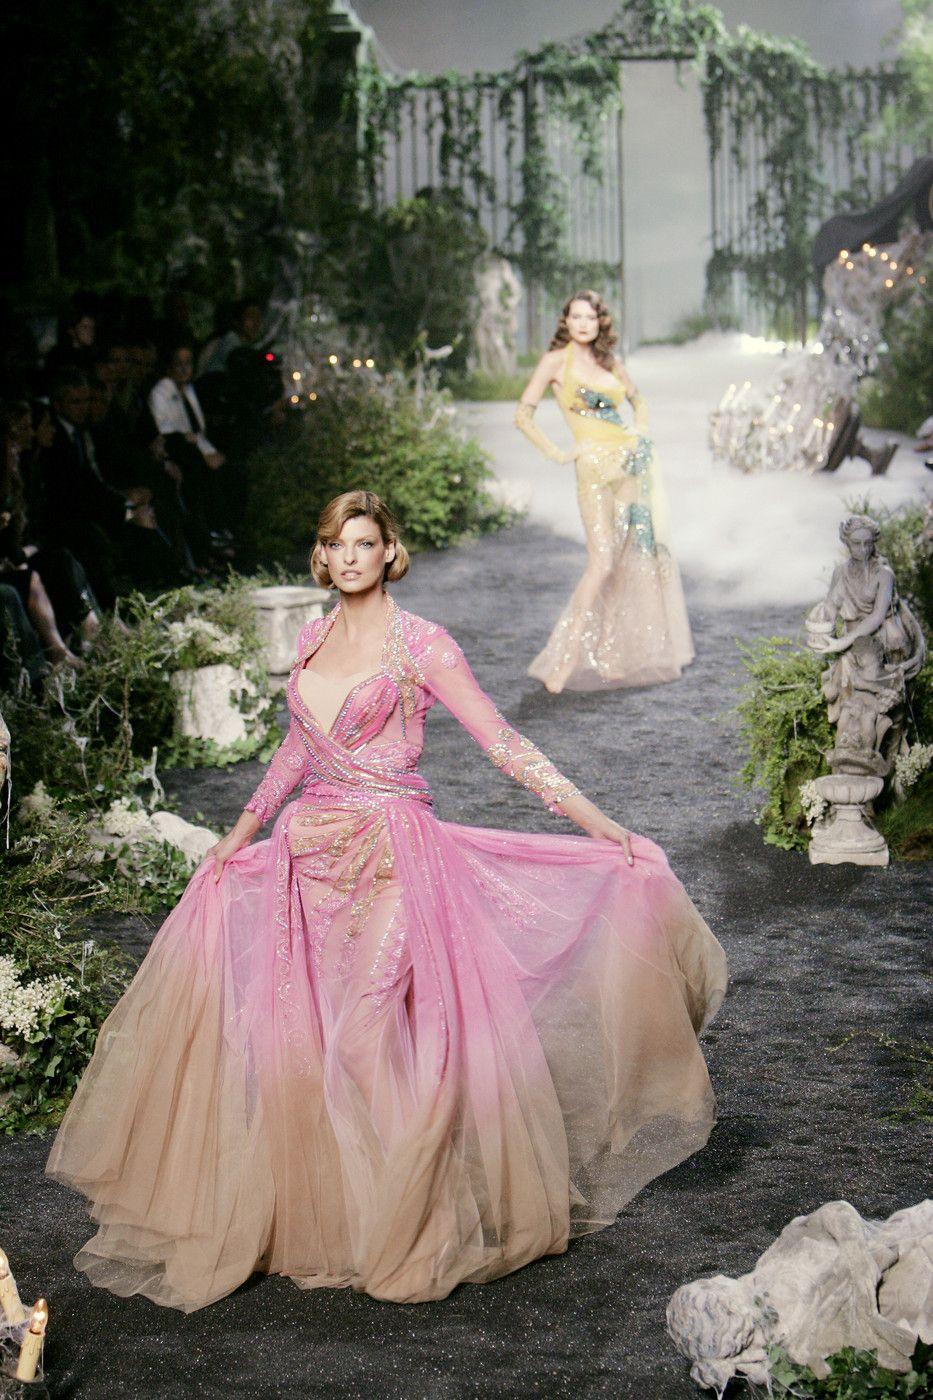 Moderno Vestidos De Fiesta 2005 Imagen - Colección de Vestidos de ...